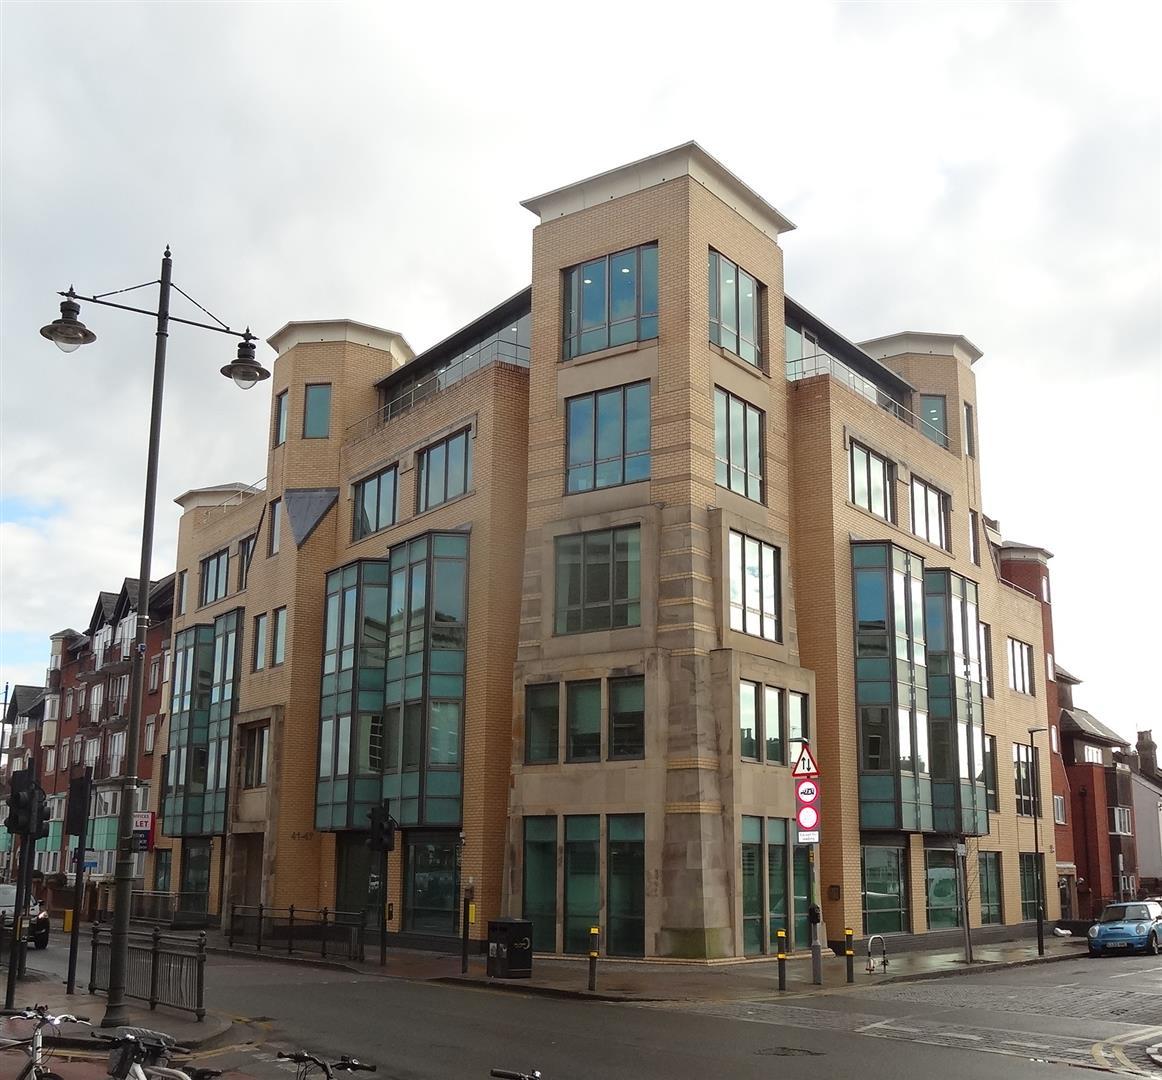 Hartfield Road, London